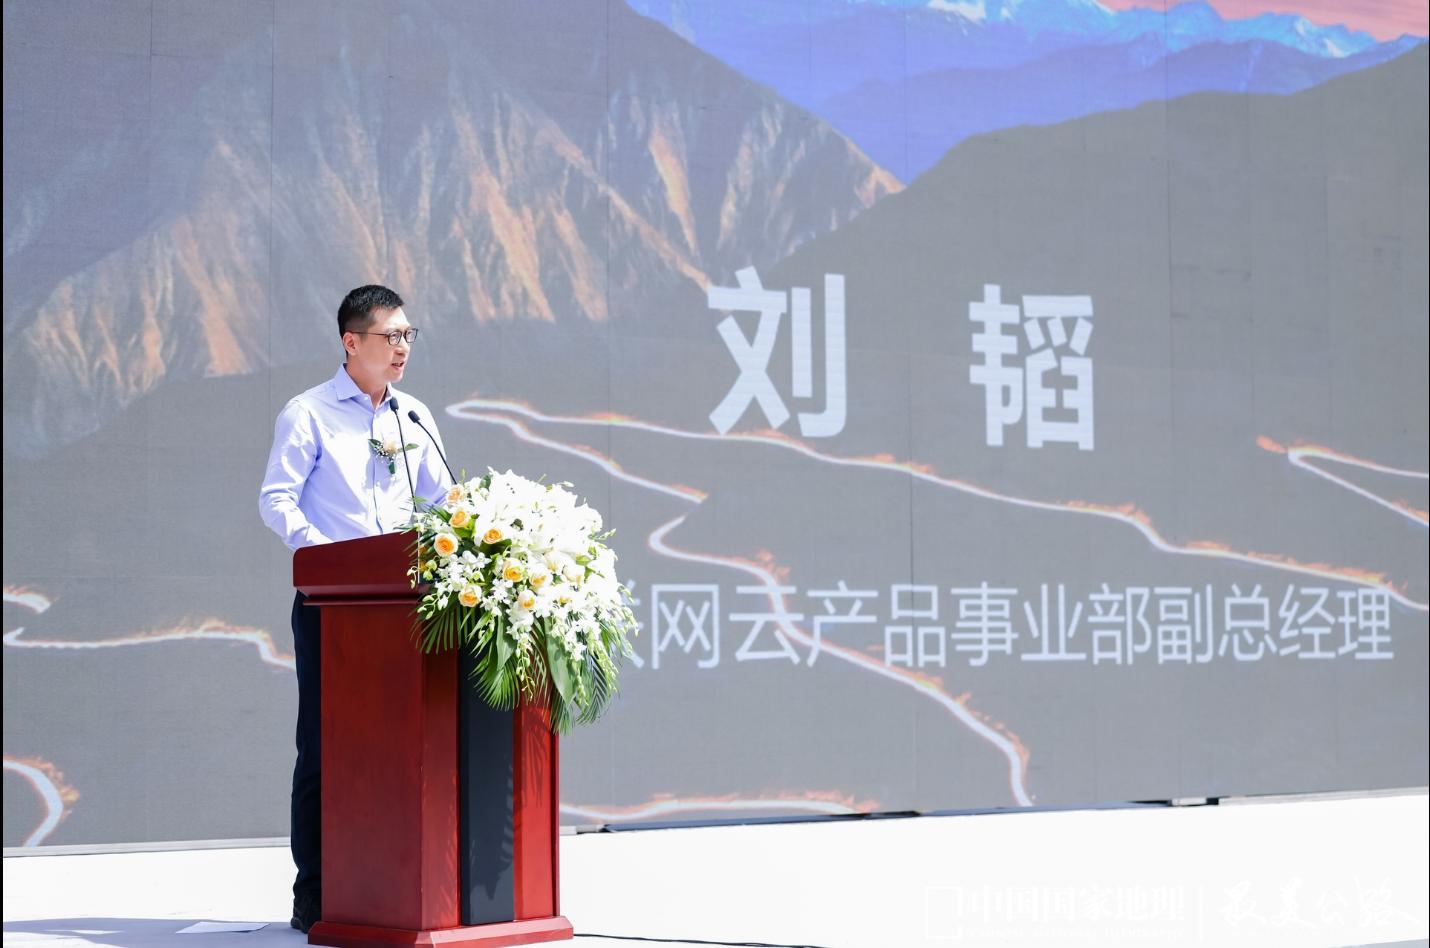 """展示中国公路的建设成就 """"中国最美公路""""评选与传播活动启动"""